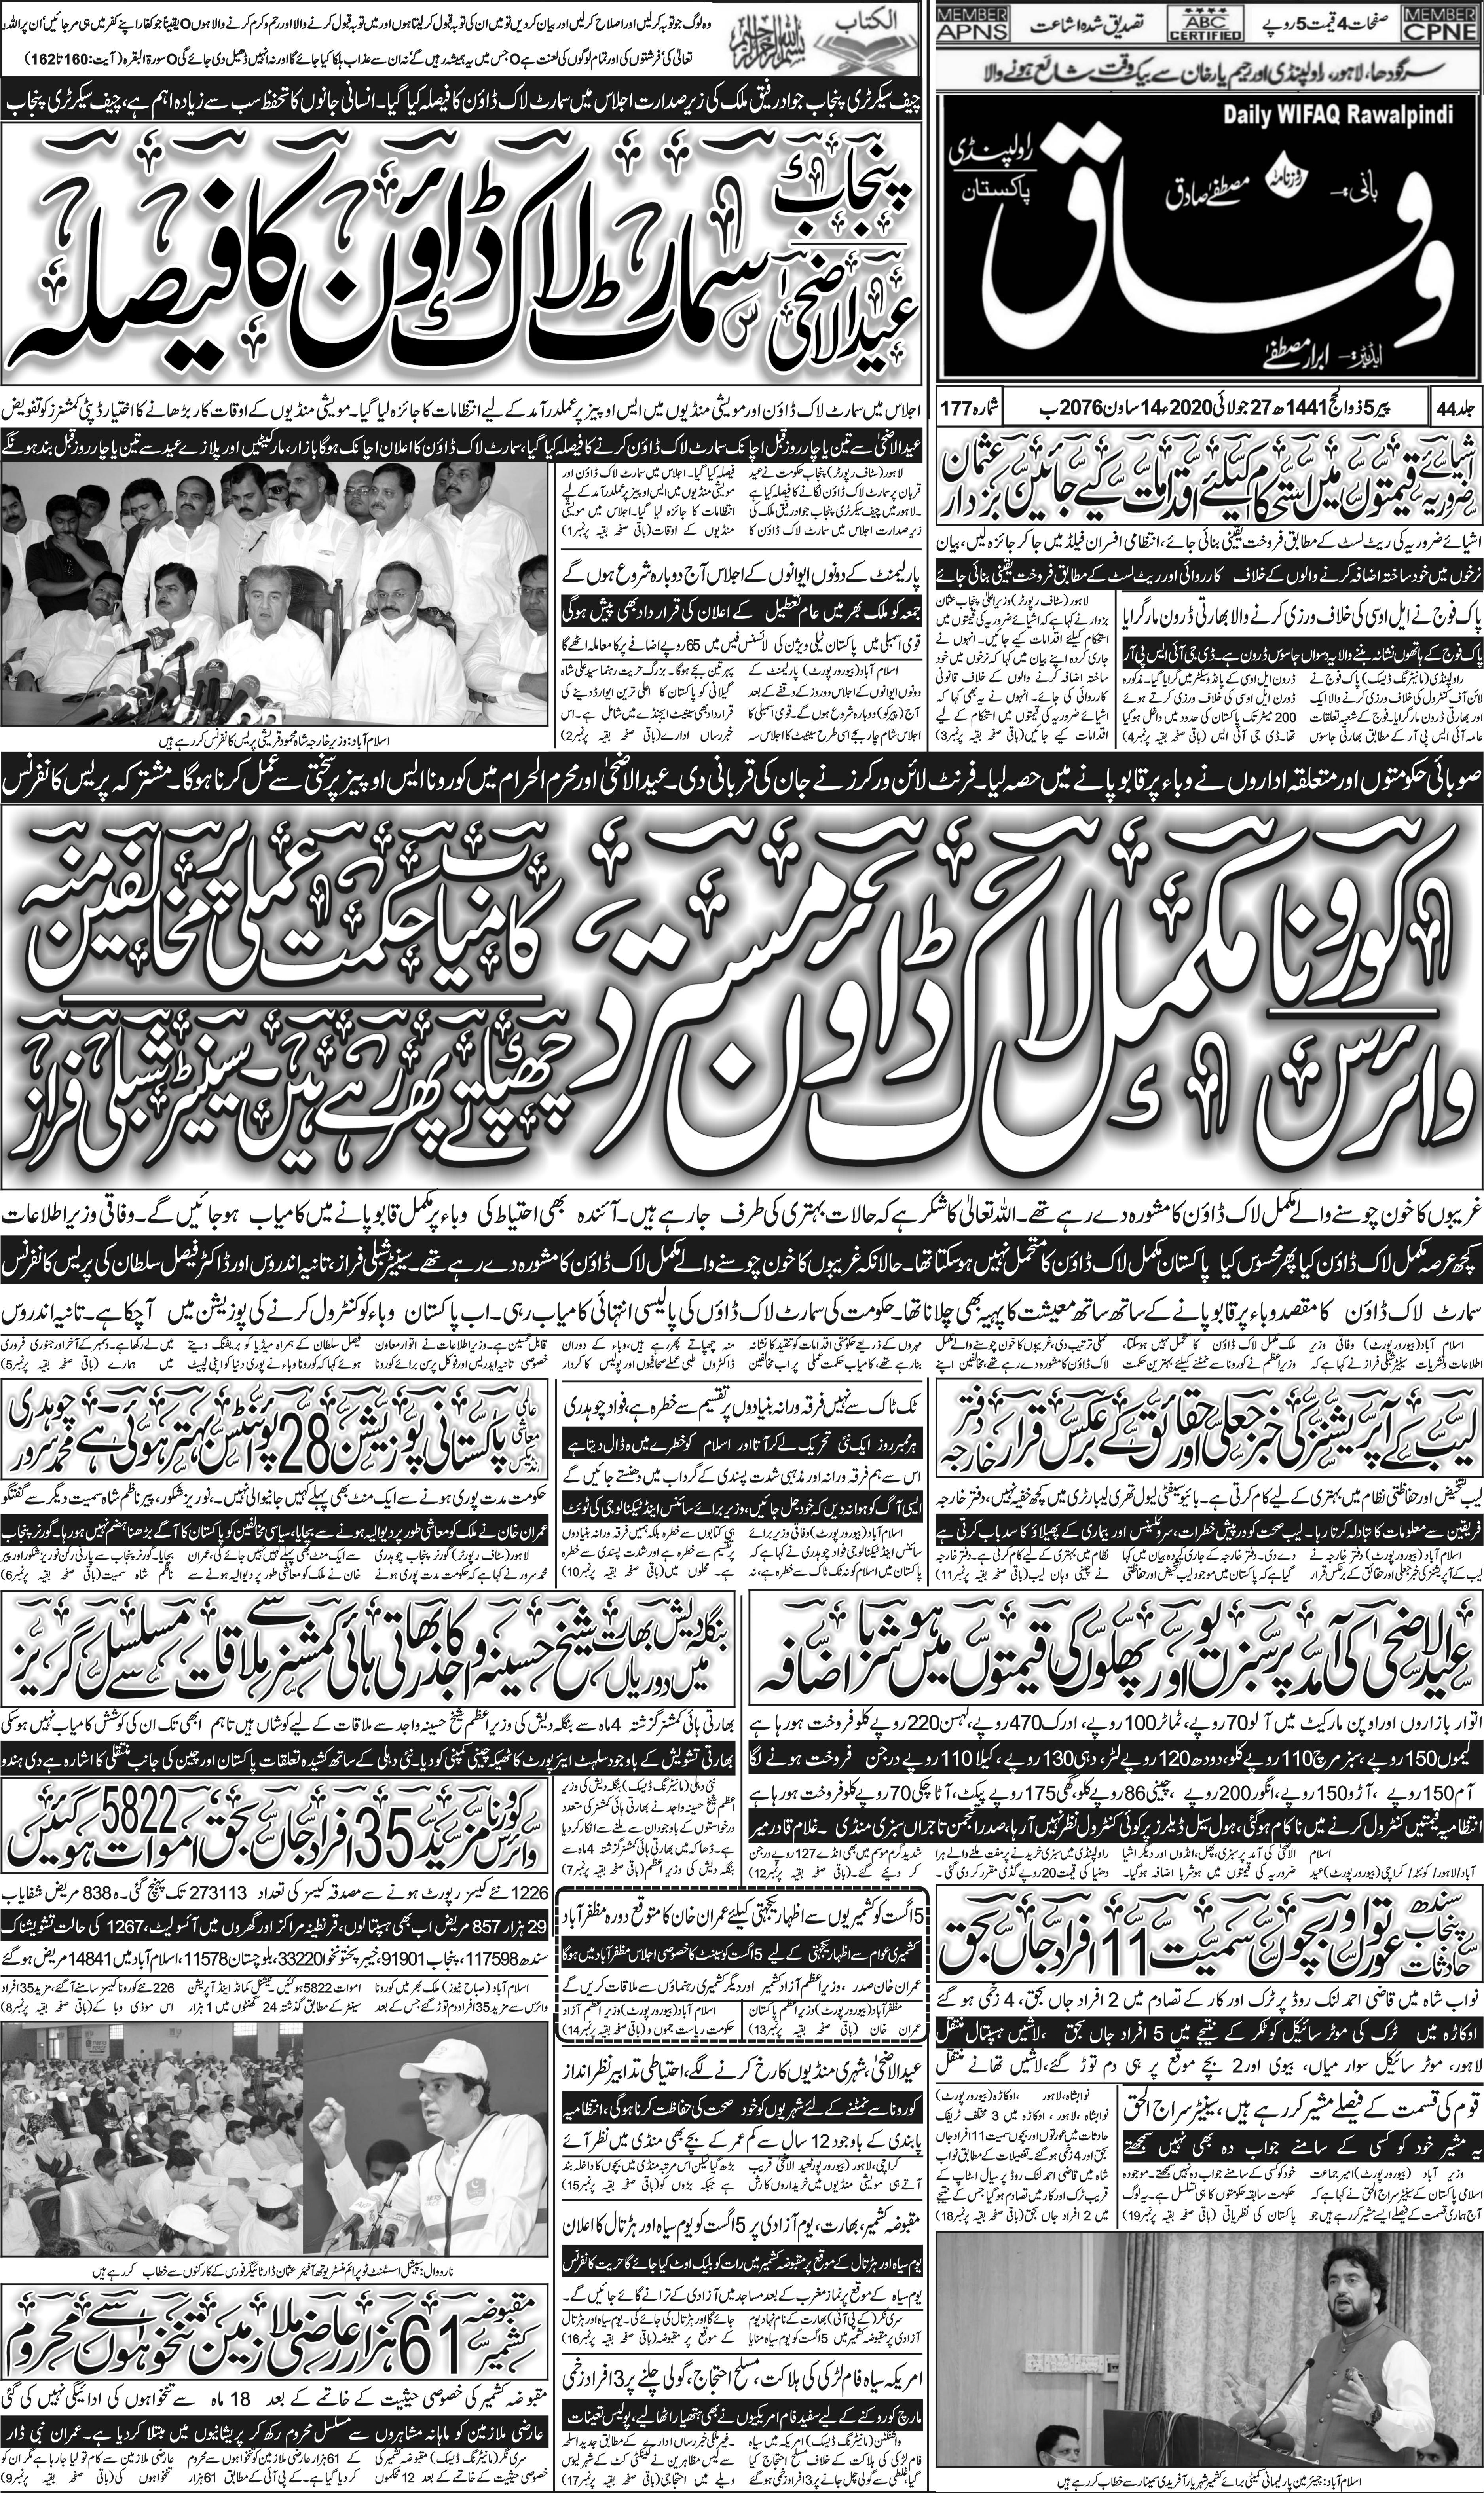 e-Paper – Daily Wifaq – Rawalpindi – 27-07-2020